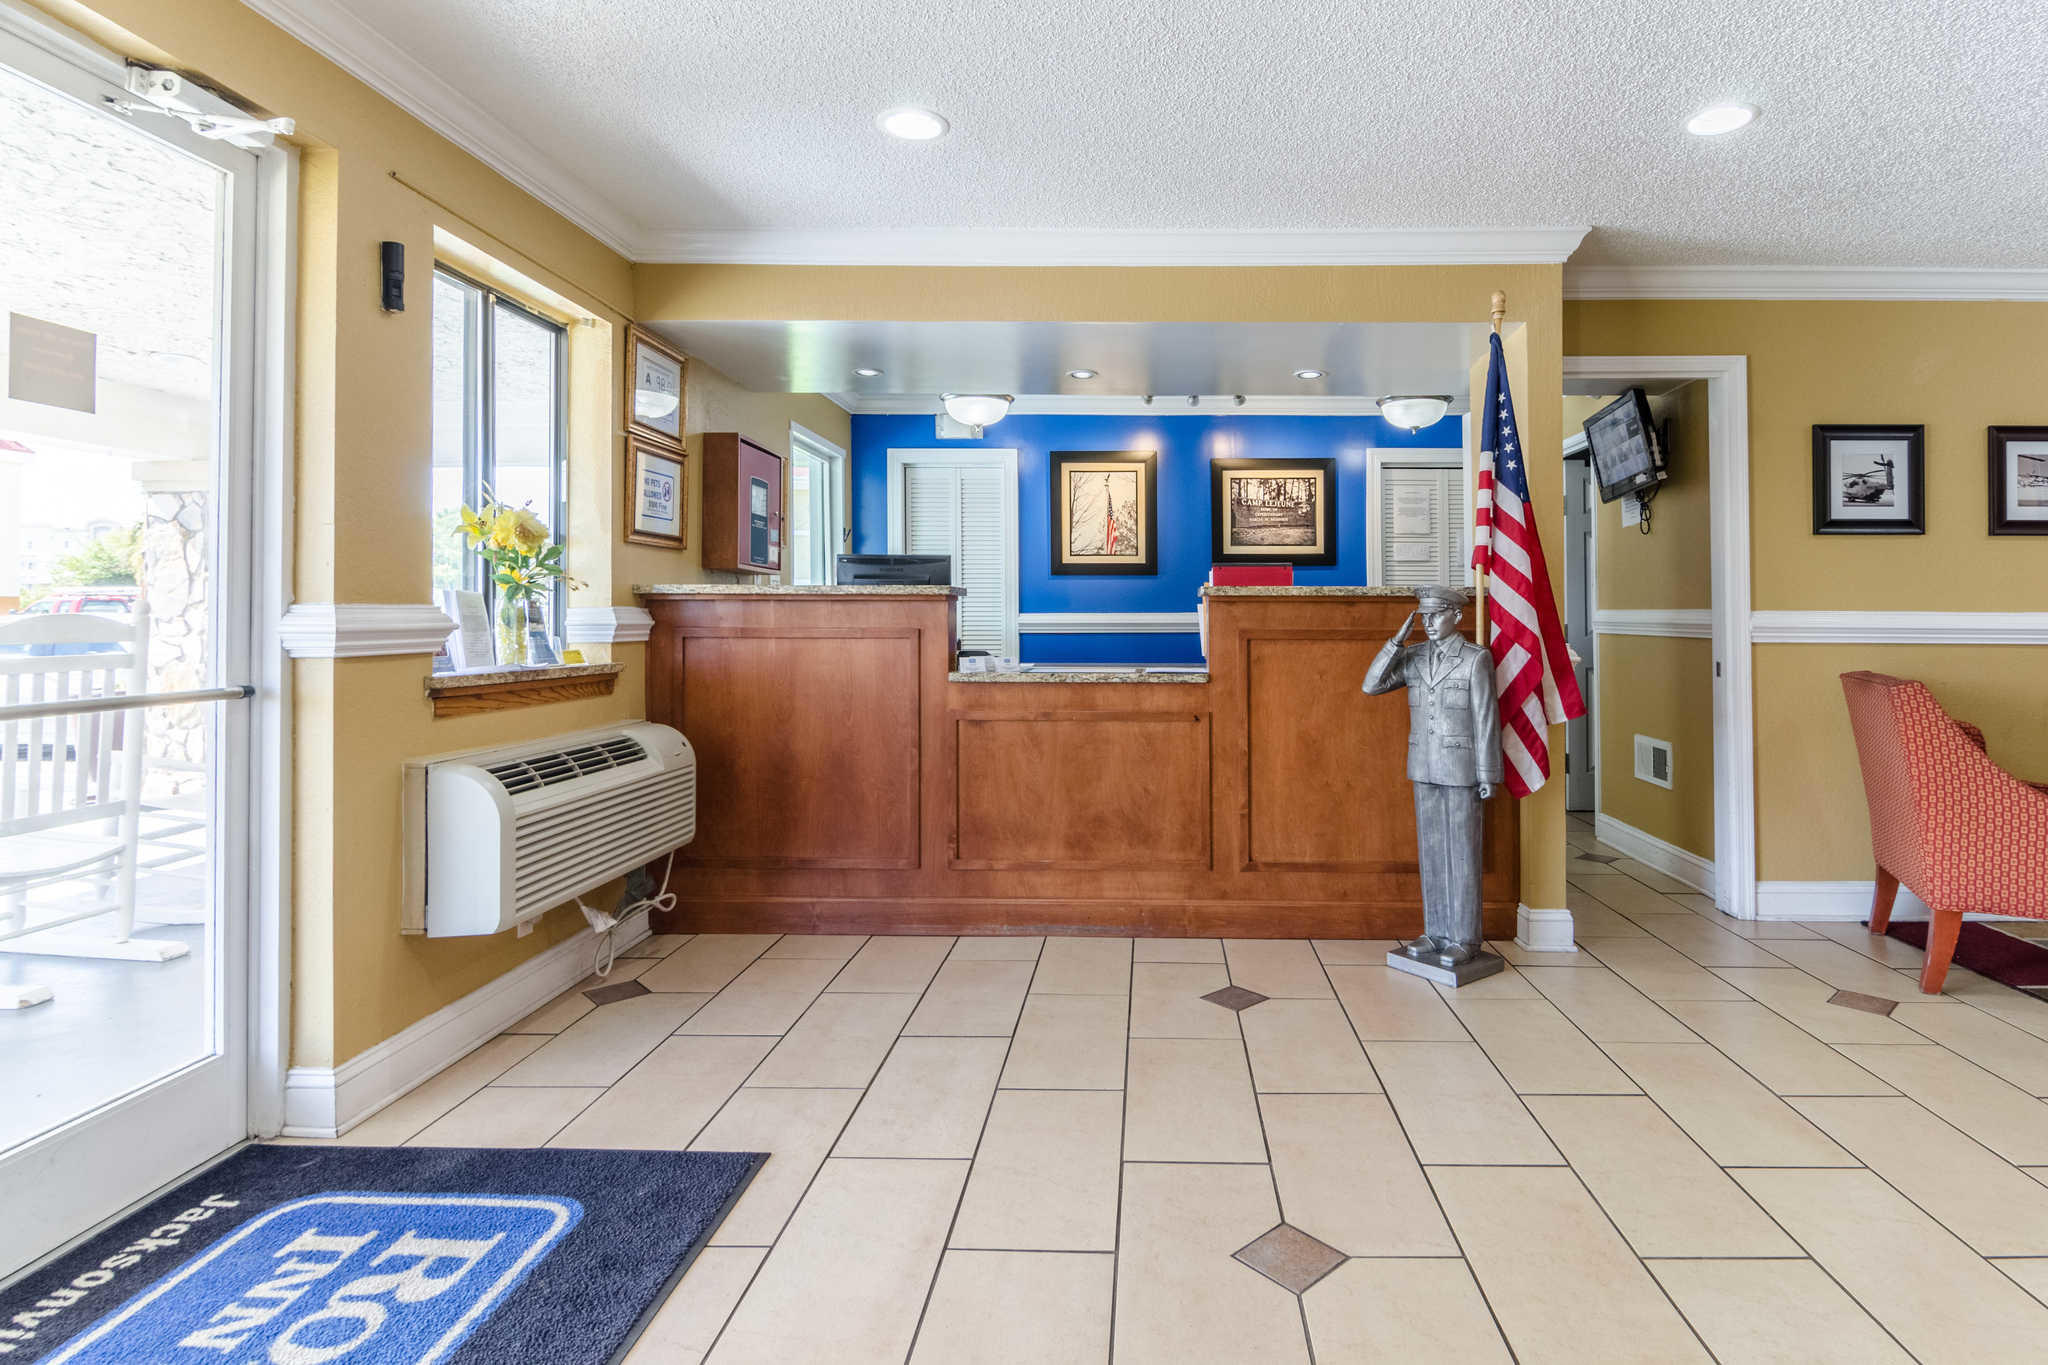 Rodeway Inn & Suites image 8